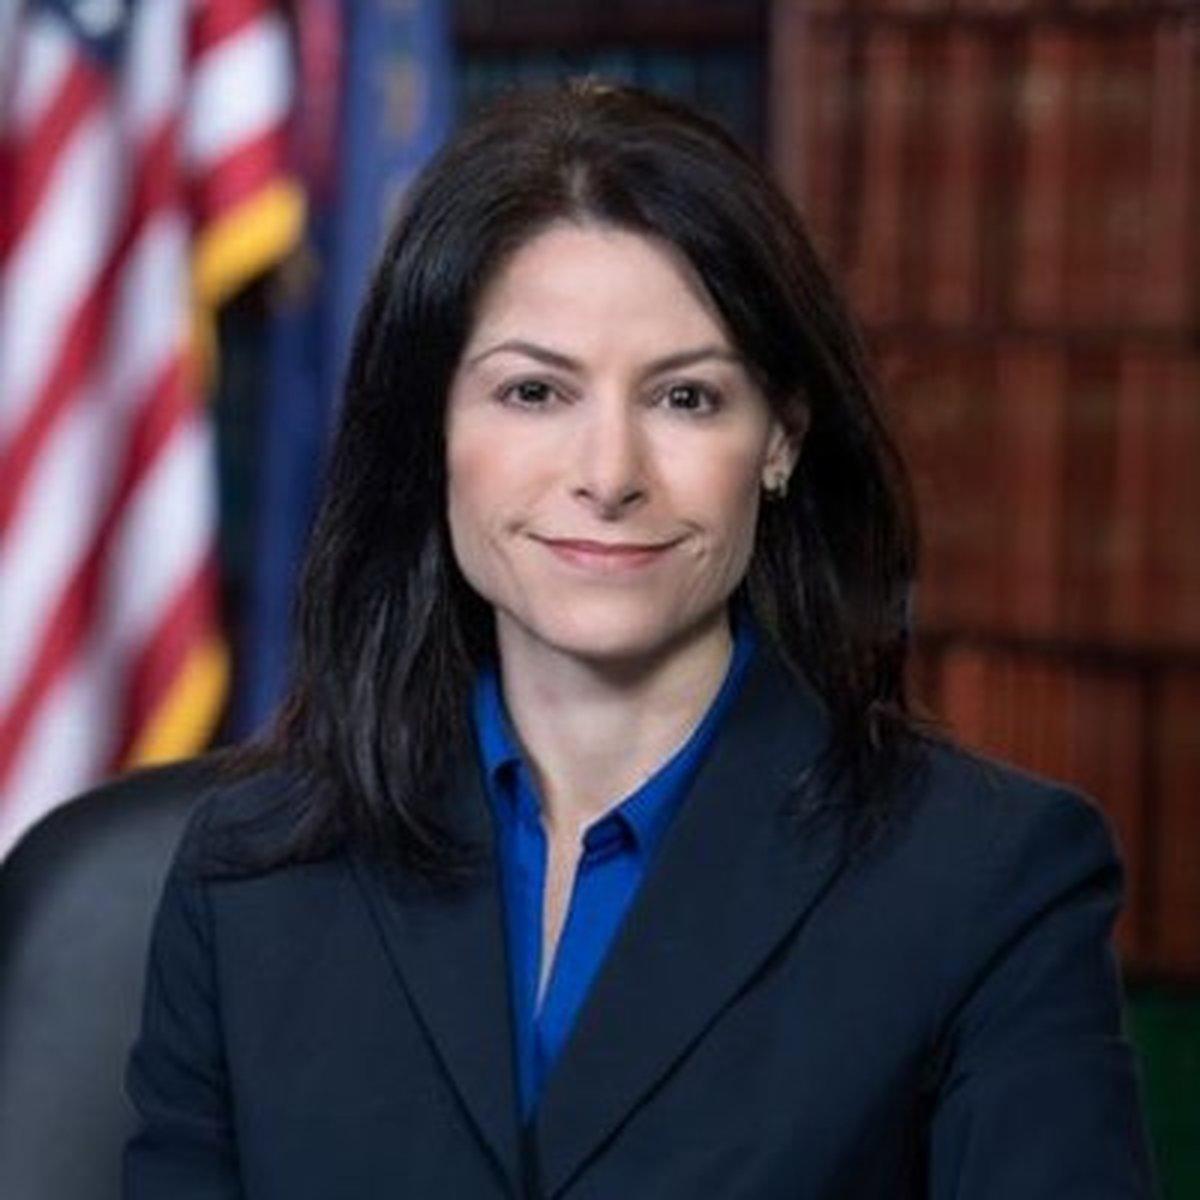 خانم دادستان آمریکایی برای ماسک نزدن ترامپ هشدار داد.